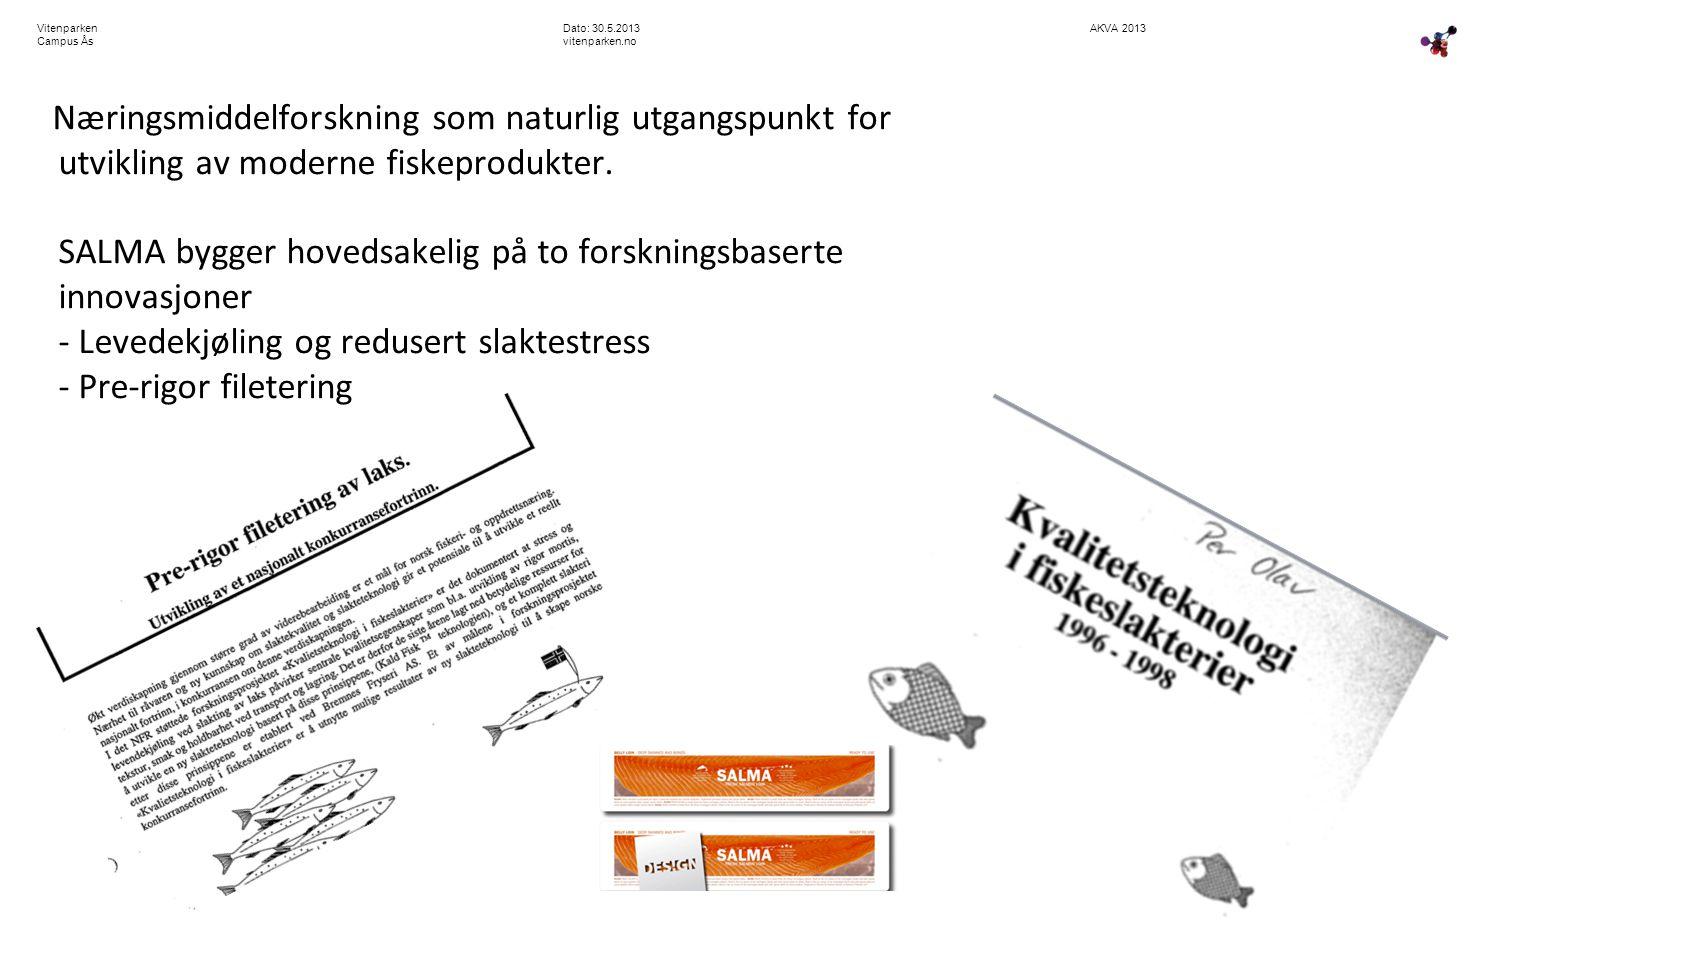 AKVA 2013Dato: 30.5.2013 vitenparken.no Vitenparken Campus Ås Næringsmiddelforskning som naturlig utgangspunkt for utvikling av moderne fiskeprodukter.